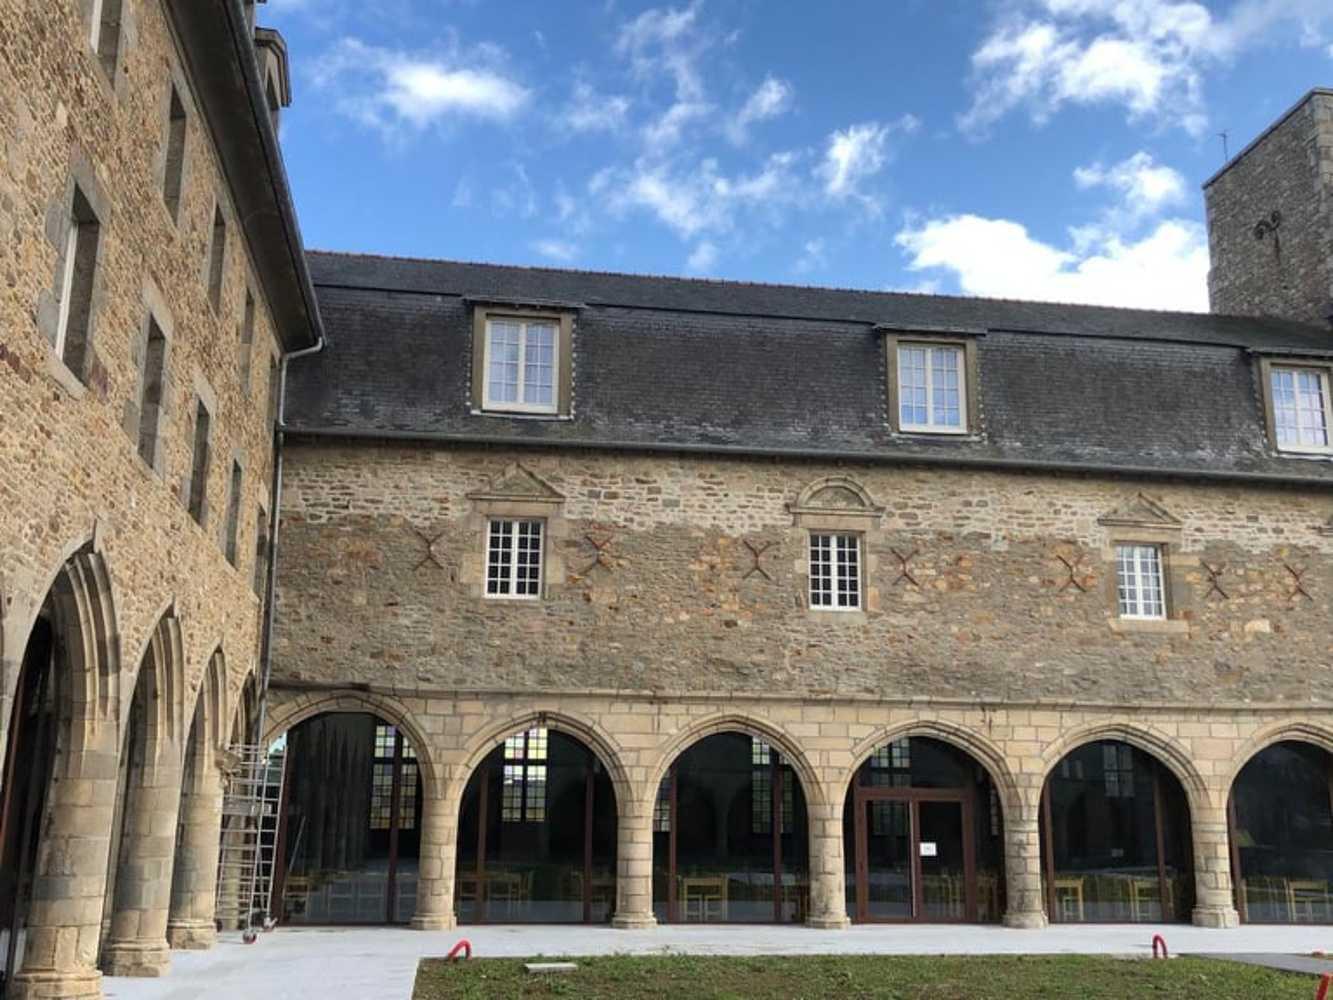 Portes et fenêtres en bois - Collège des Cordeliers - Dinan 0